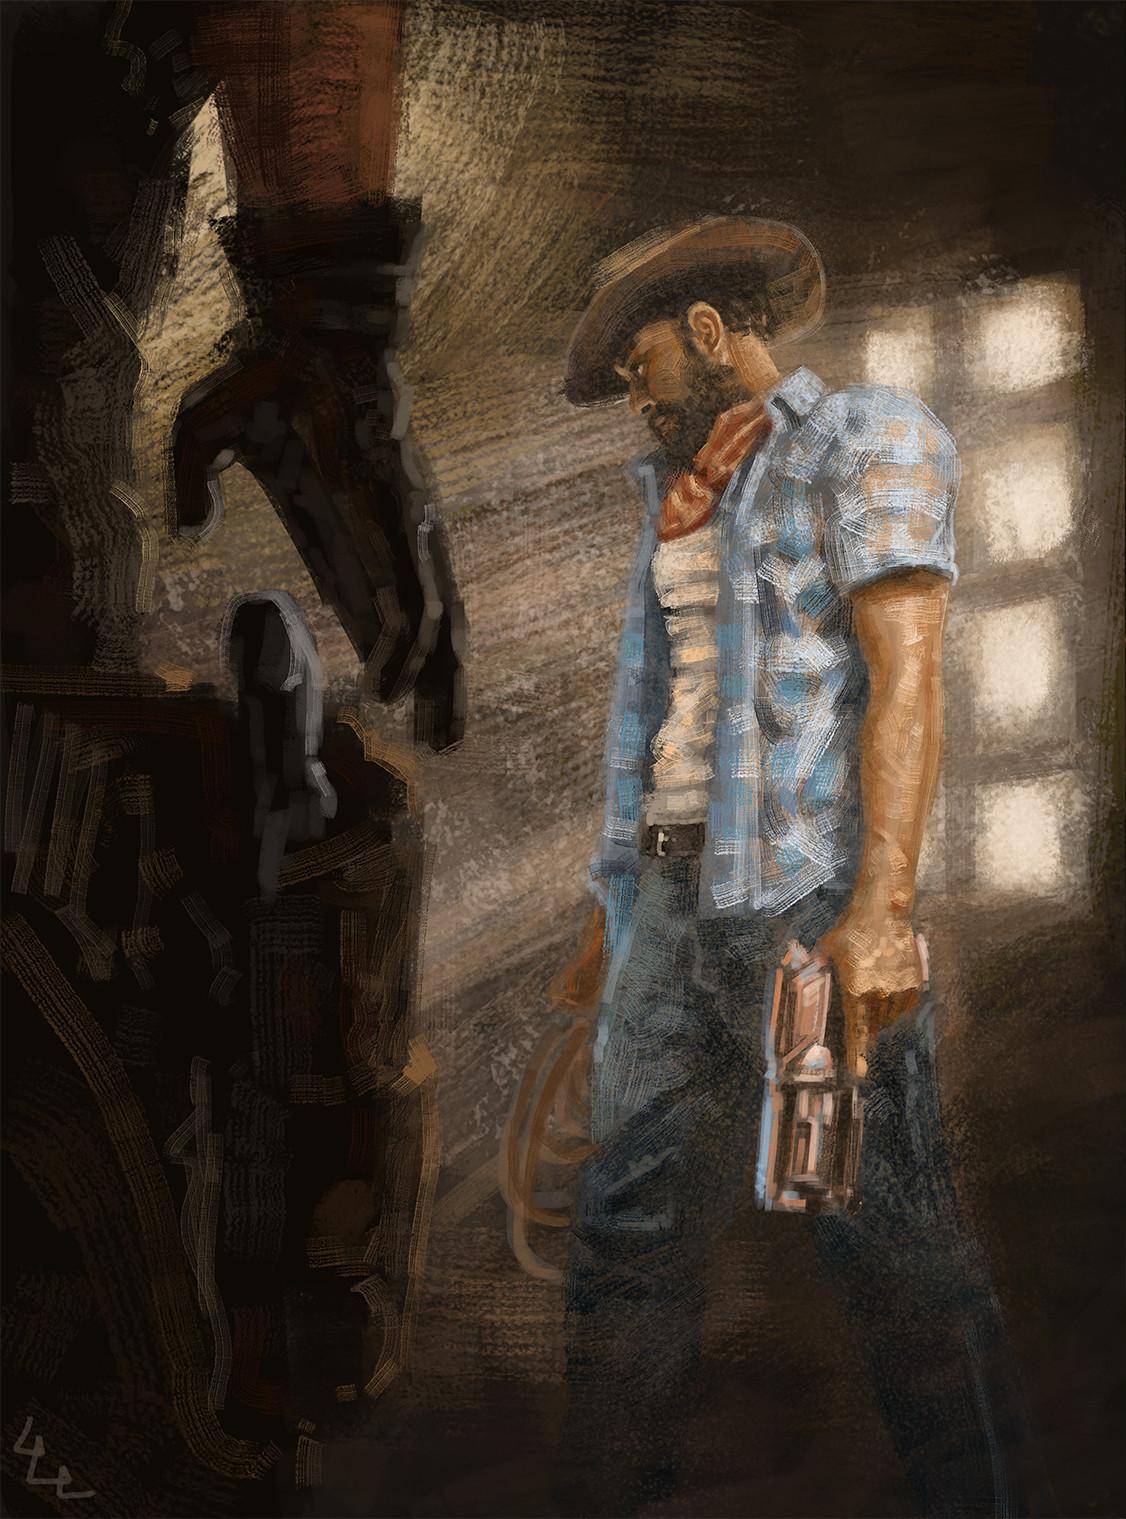 Luis leo lopez cowboy